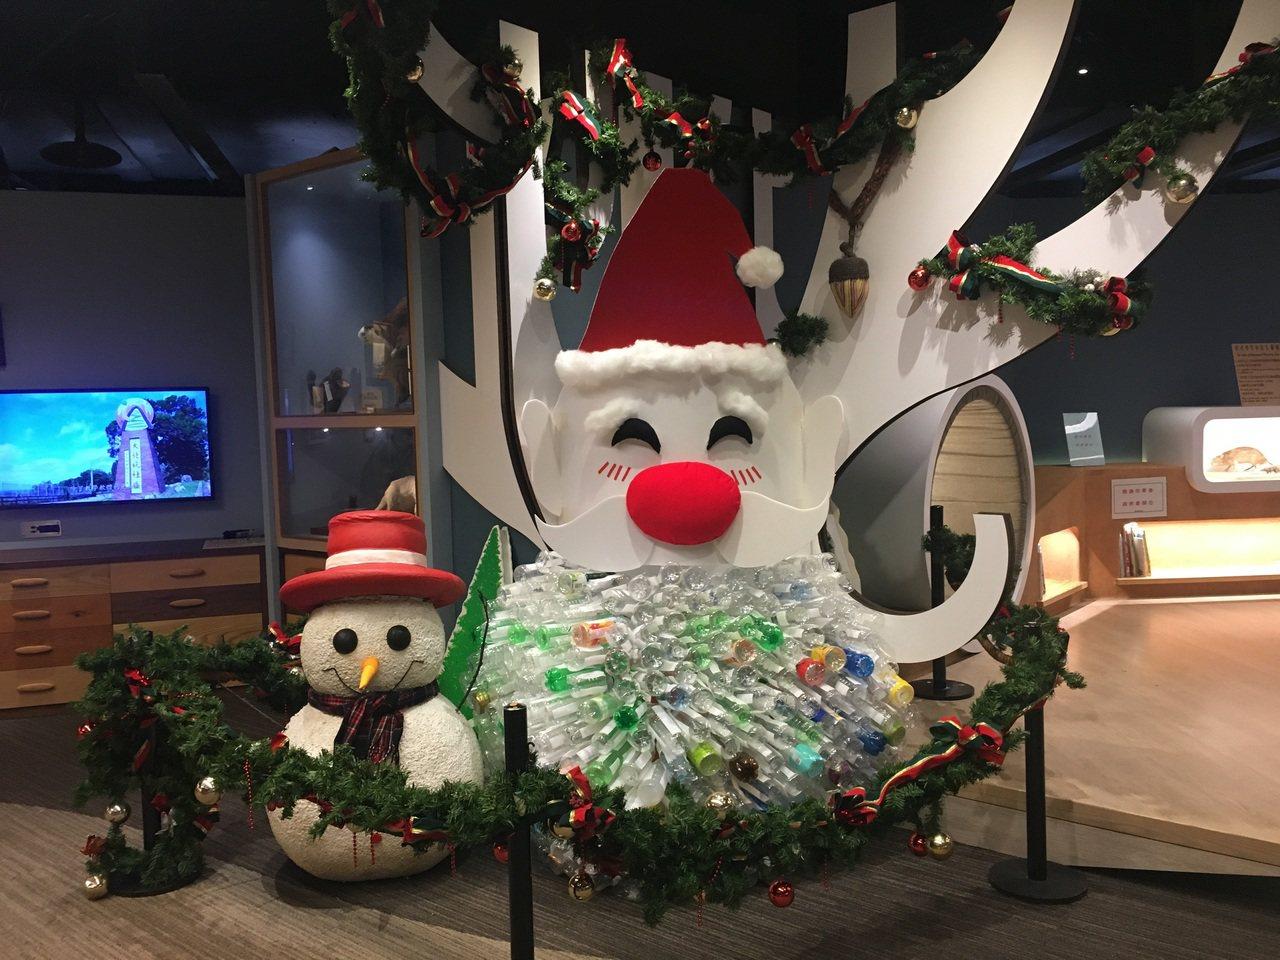 科教館使用寶特瓶及回收廢材、製作環保版本的聖誕老公公。圖/科教館提供